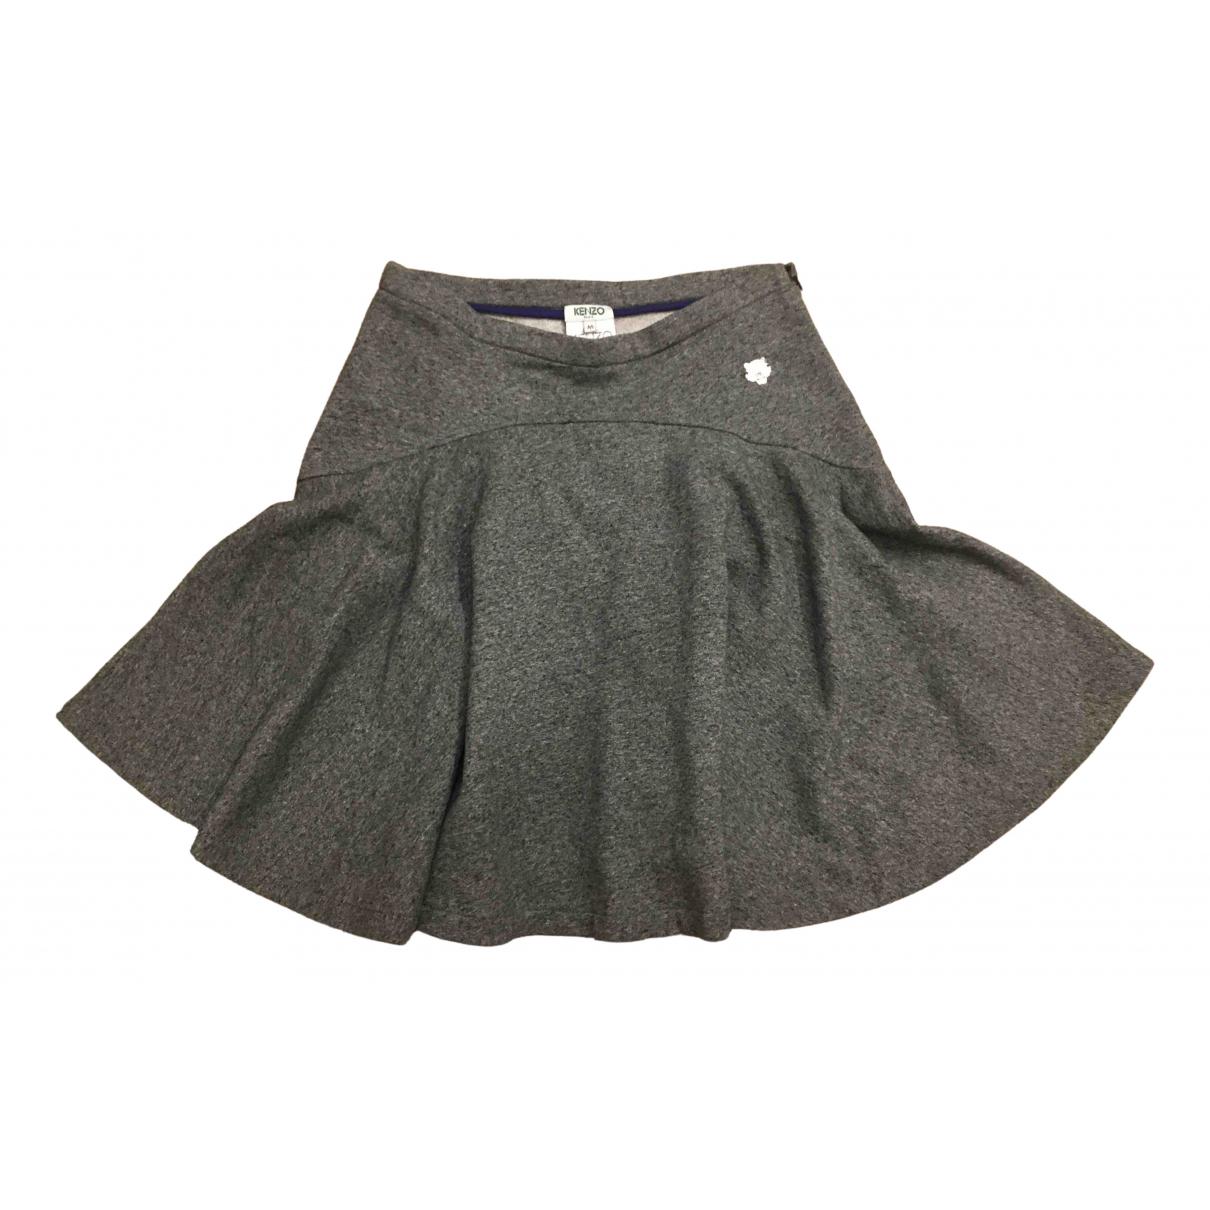 Kenzo \N Grey Cotton skirt for Women 38 FR